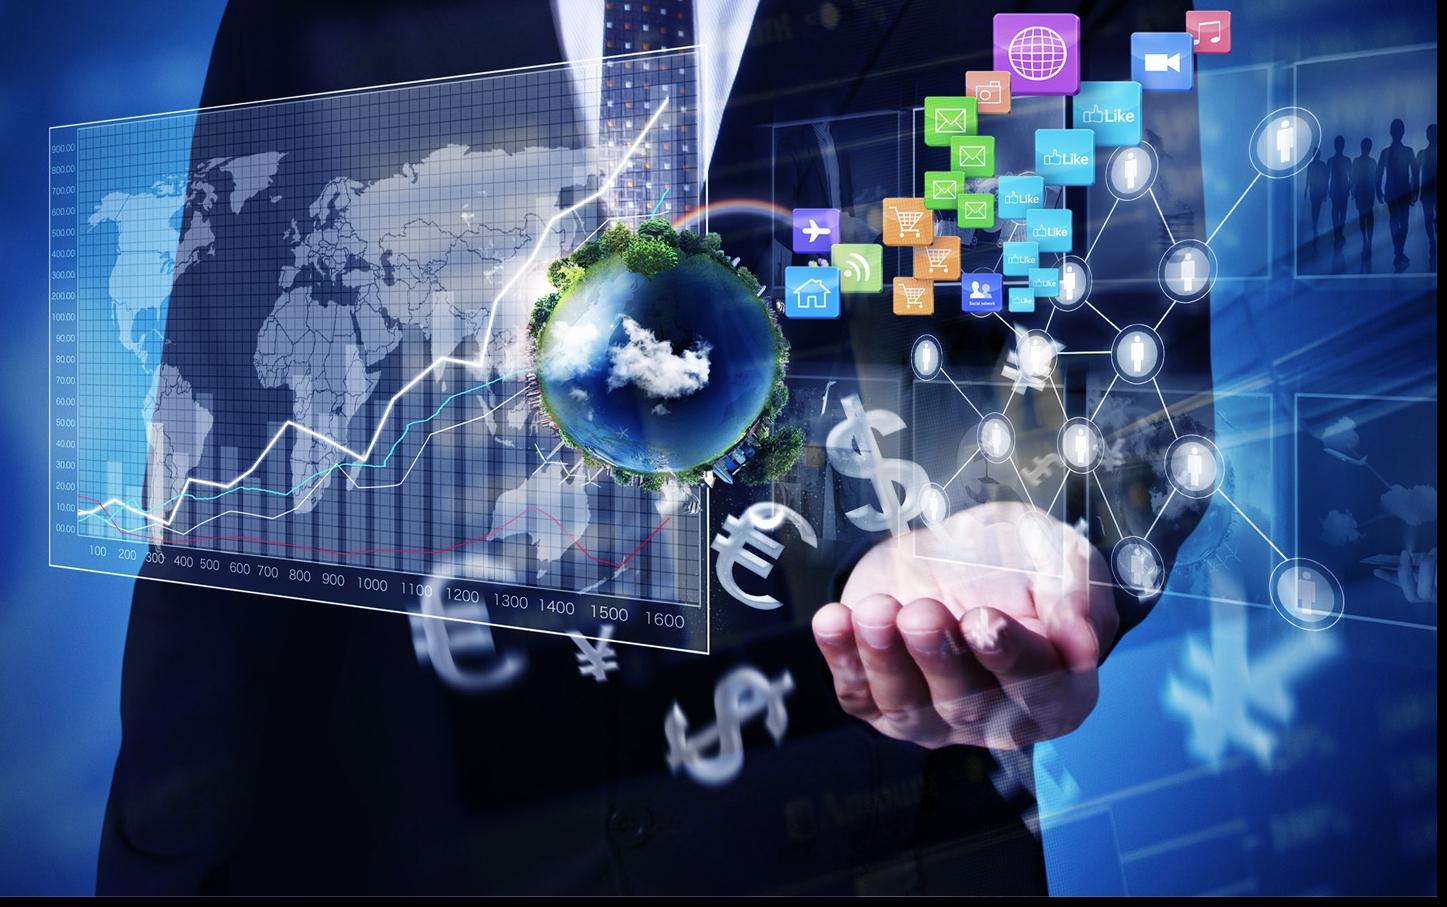 România va primi un împrumut de un miliard de euro de la Banca Mondială